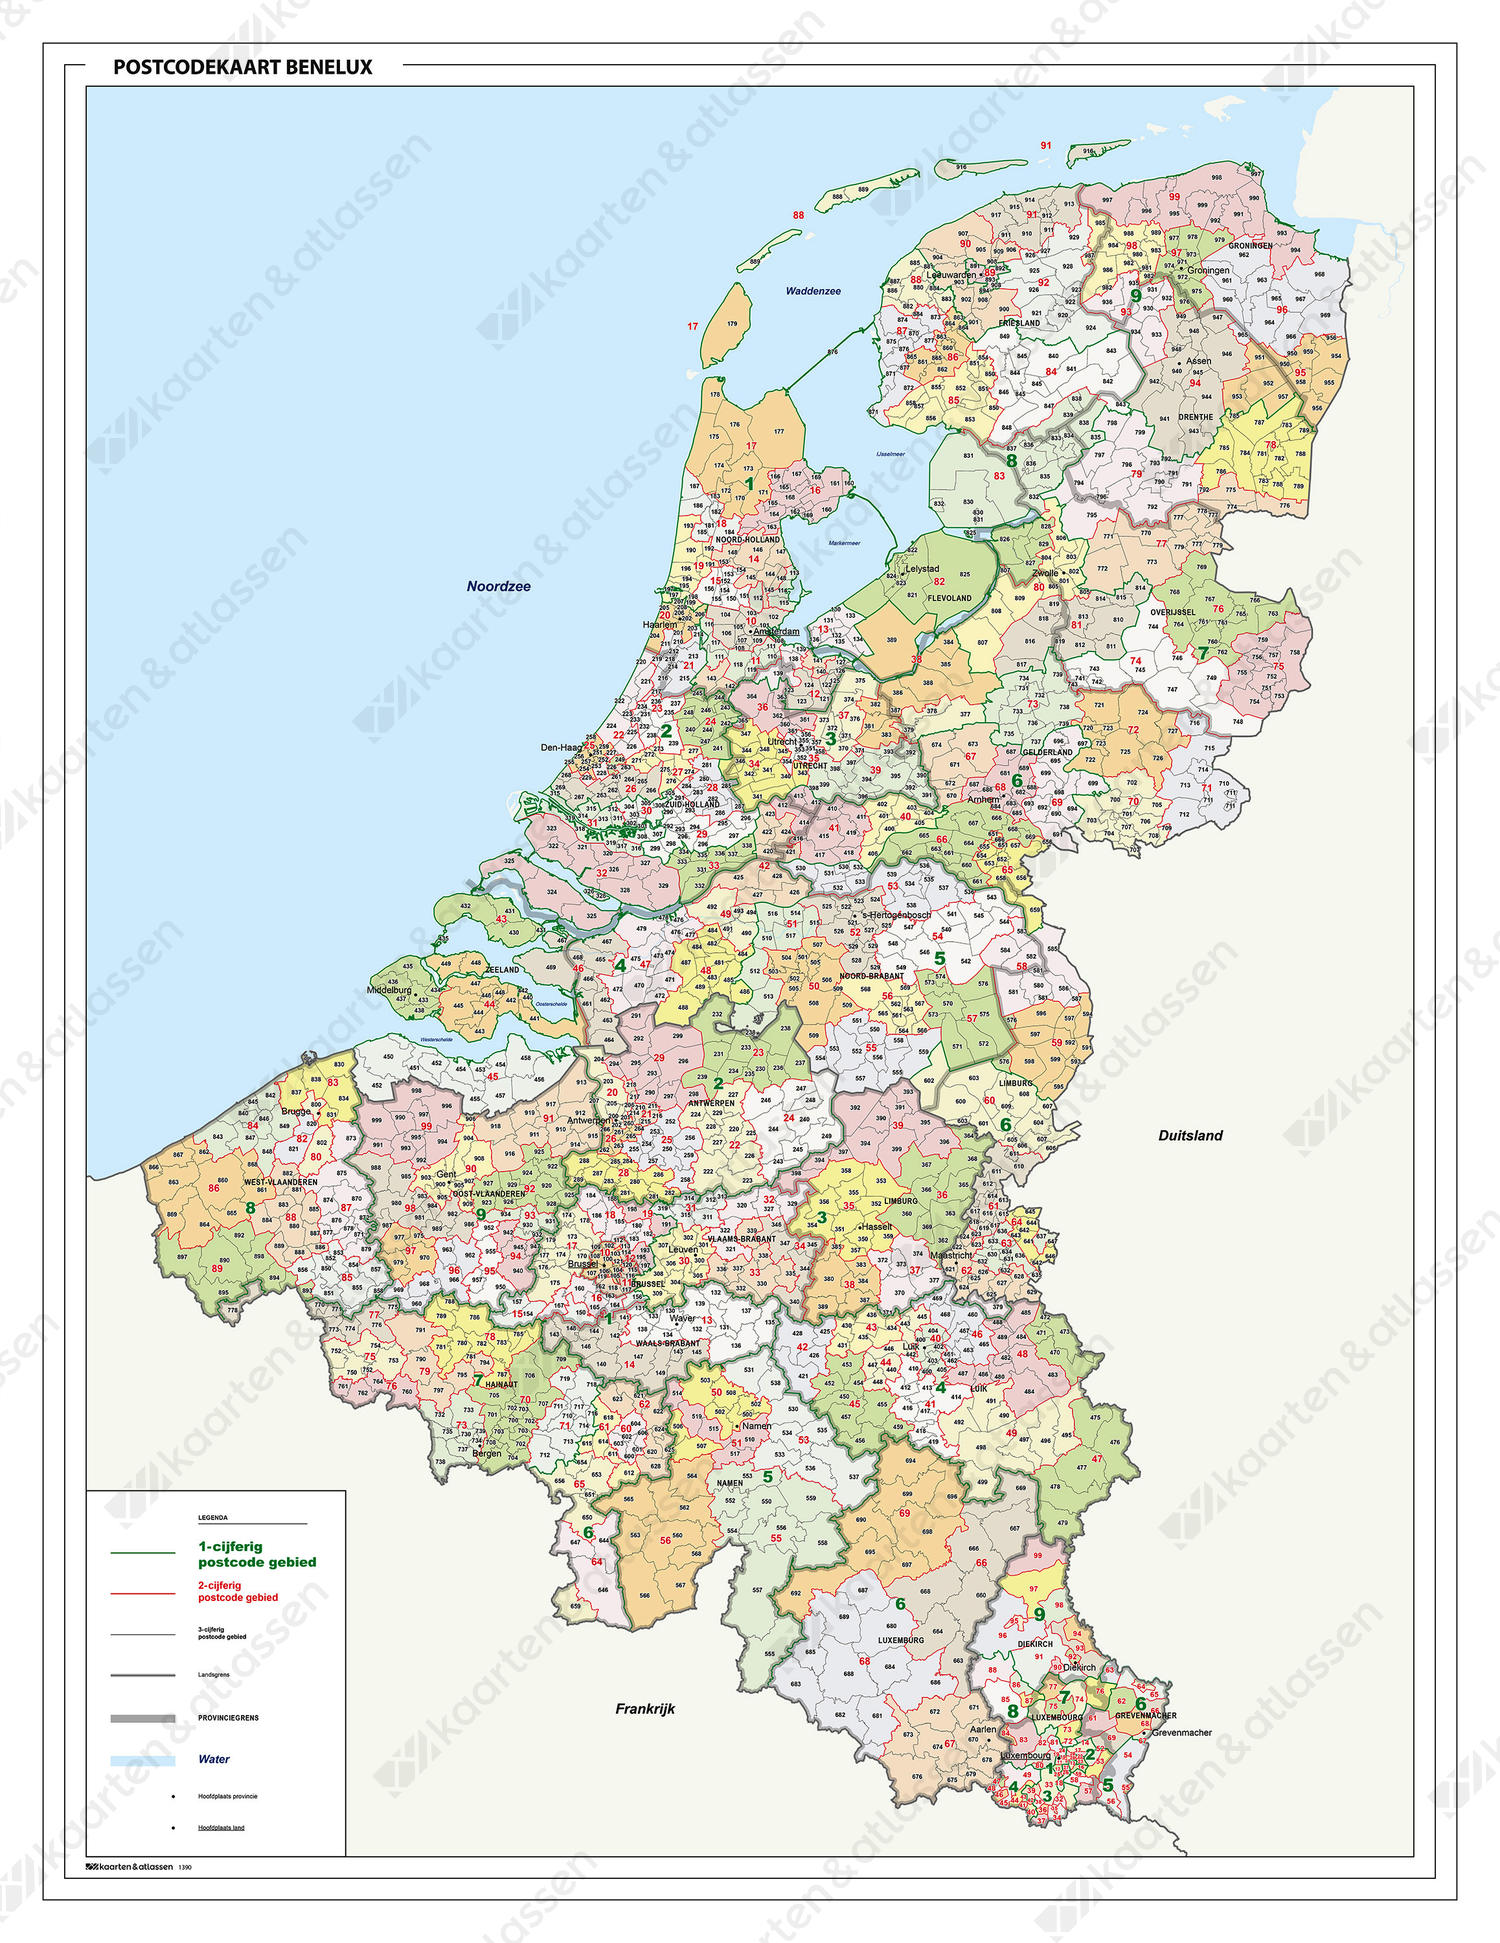 Postcodekaart Benelux 1-2-3 cijferig 1390